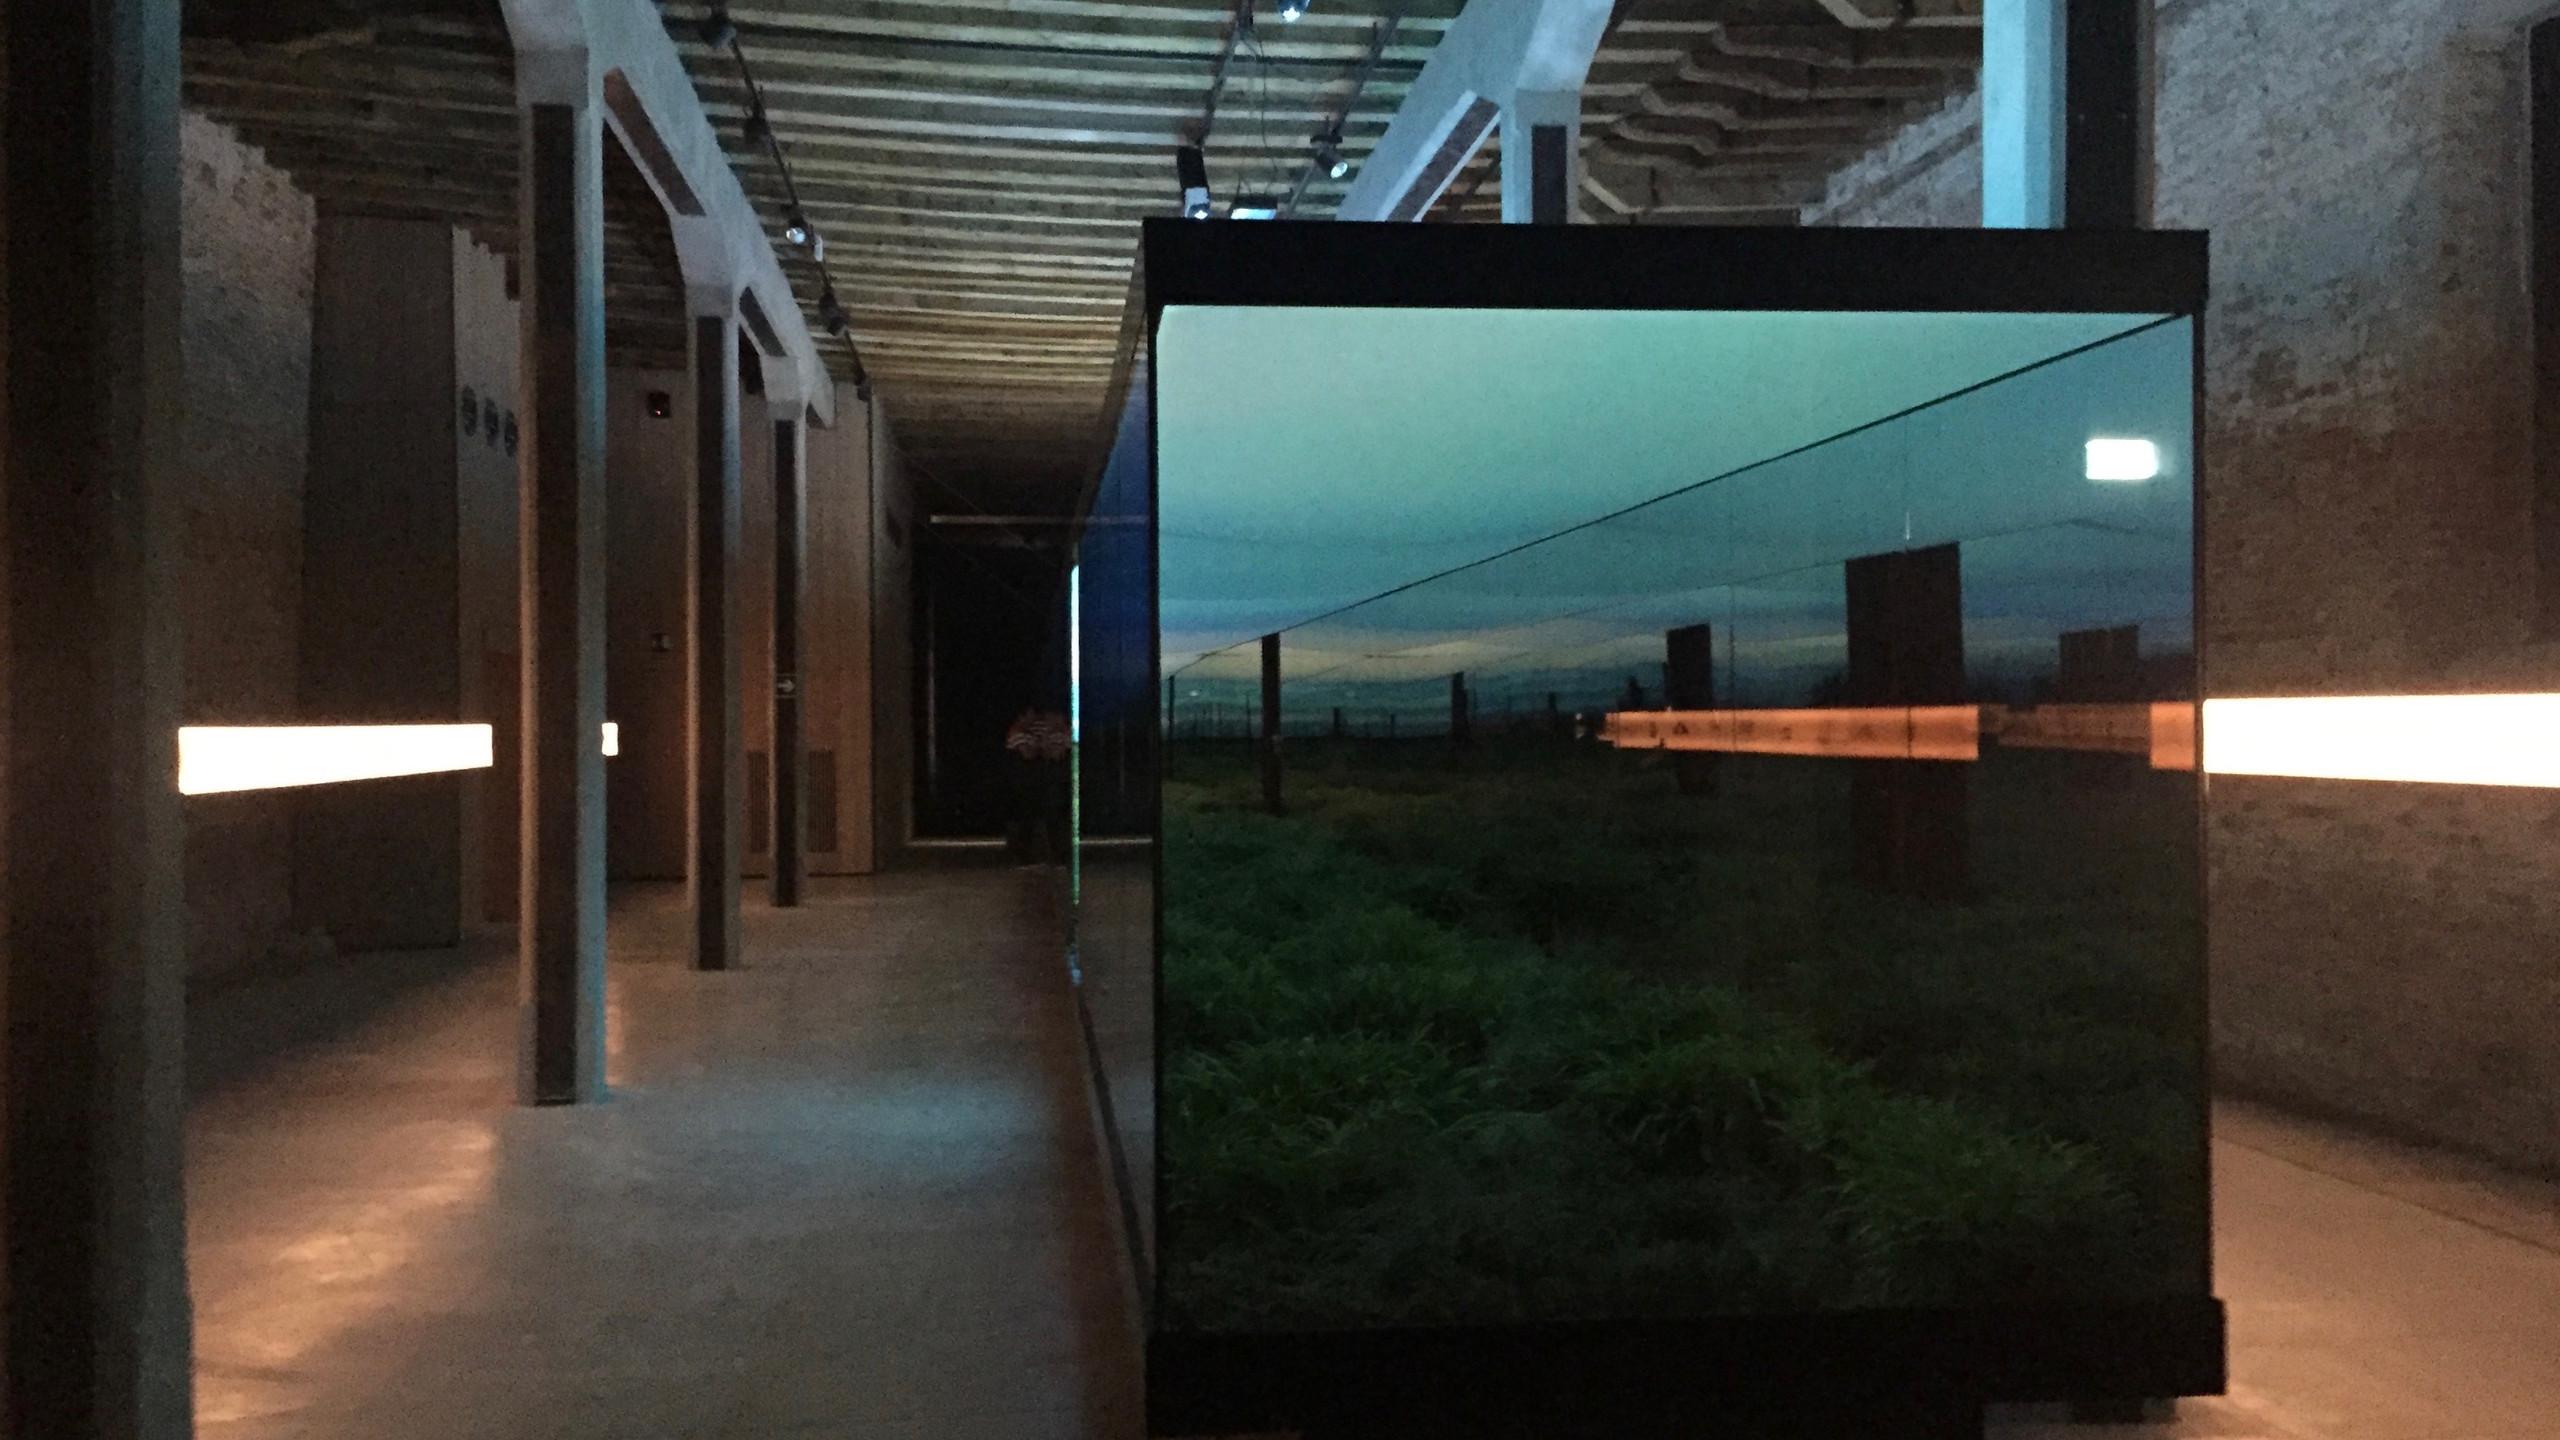 _Vértigo Horizontal _ im argentinischen Pavillon von  Javier Mendiondo, Pablo Anzilutti, Francisco Garrido und Federico Cairoli